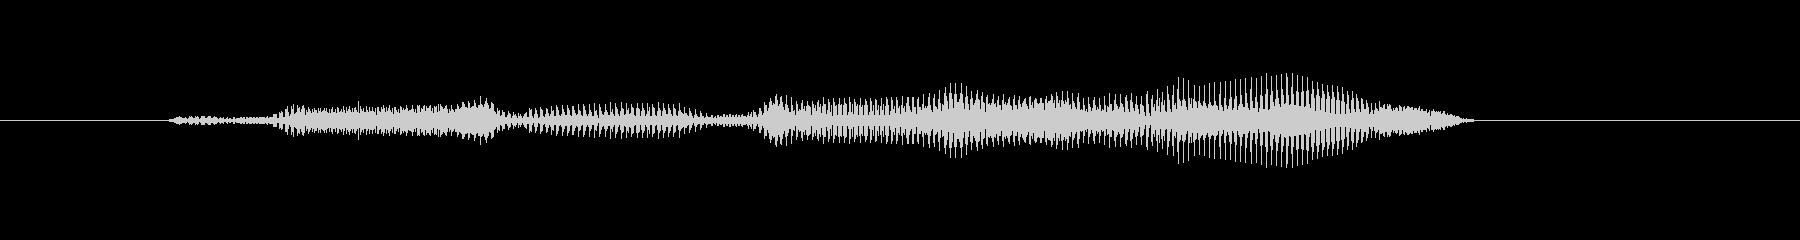 左だよ。5歳男の子の声です。の未再生の波形